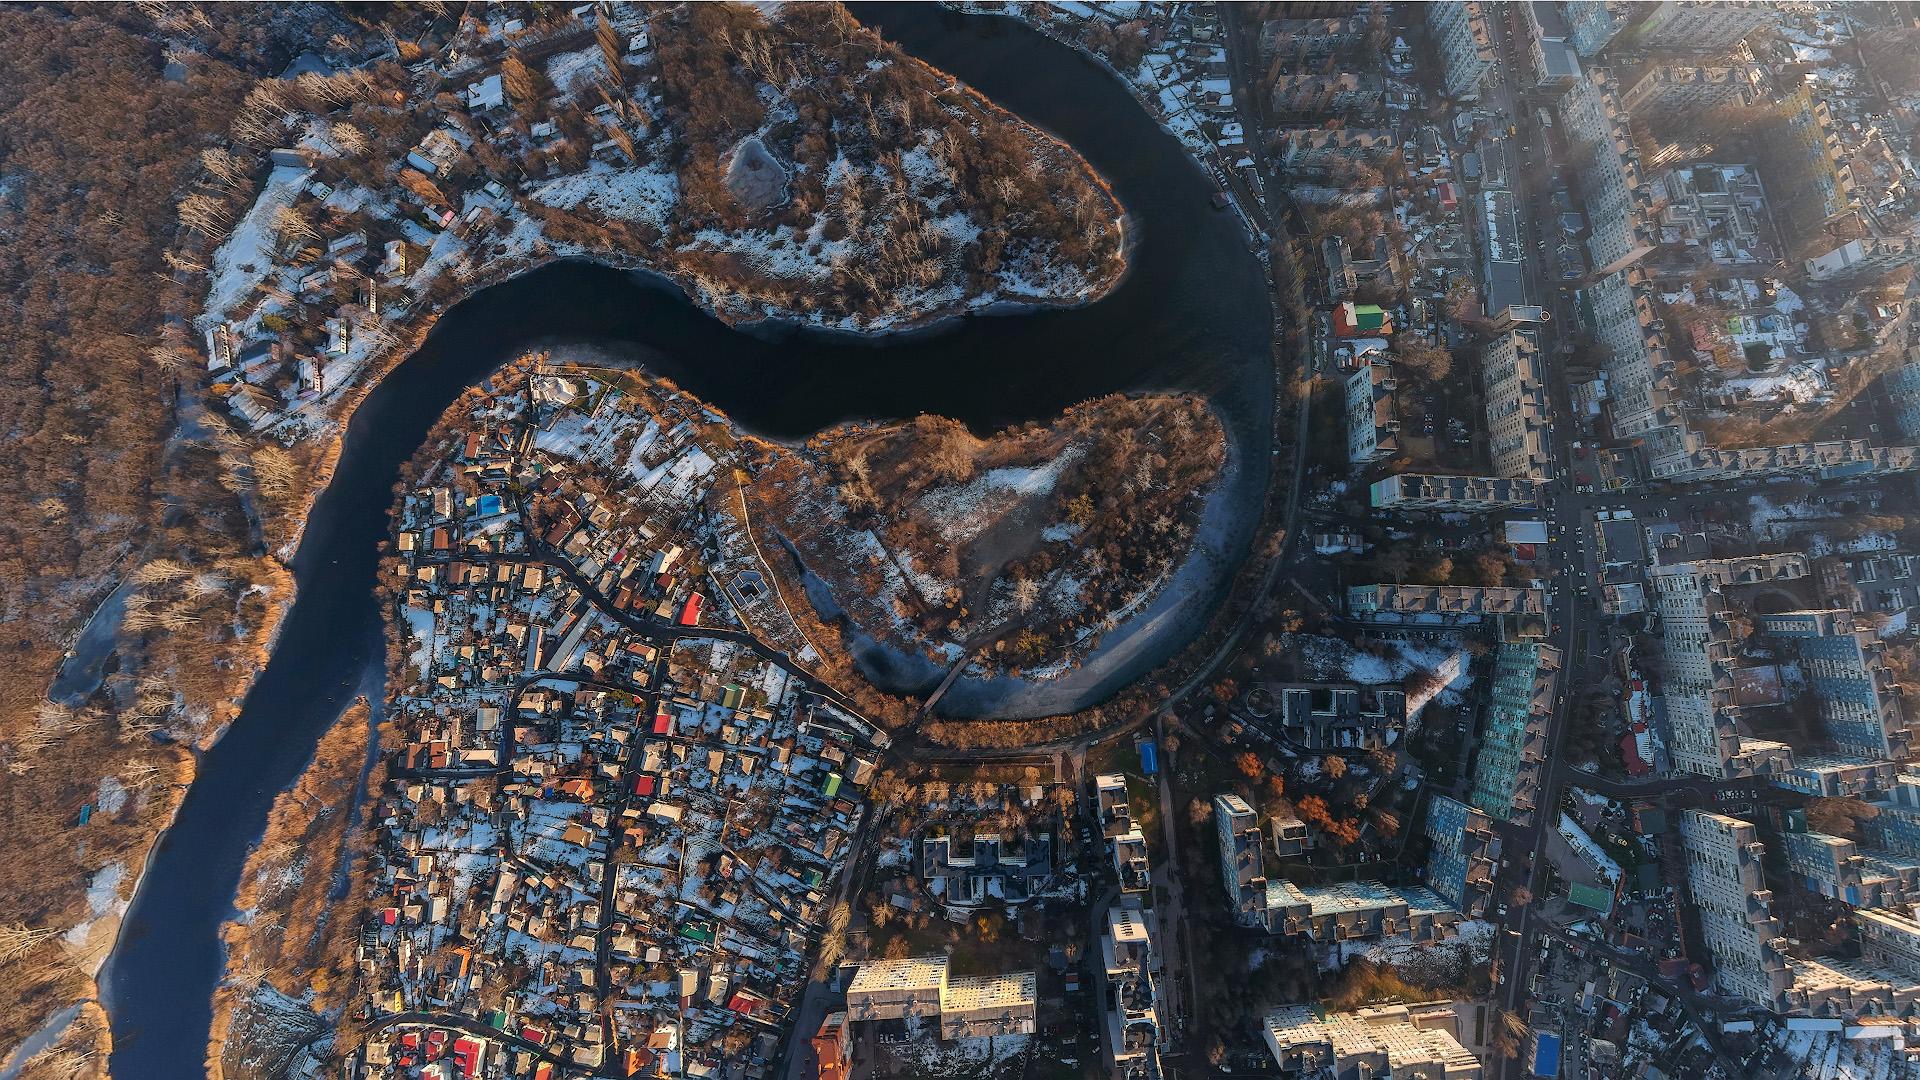 Вечерний город с высоты птичьего полета, февраль 2020